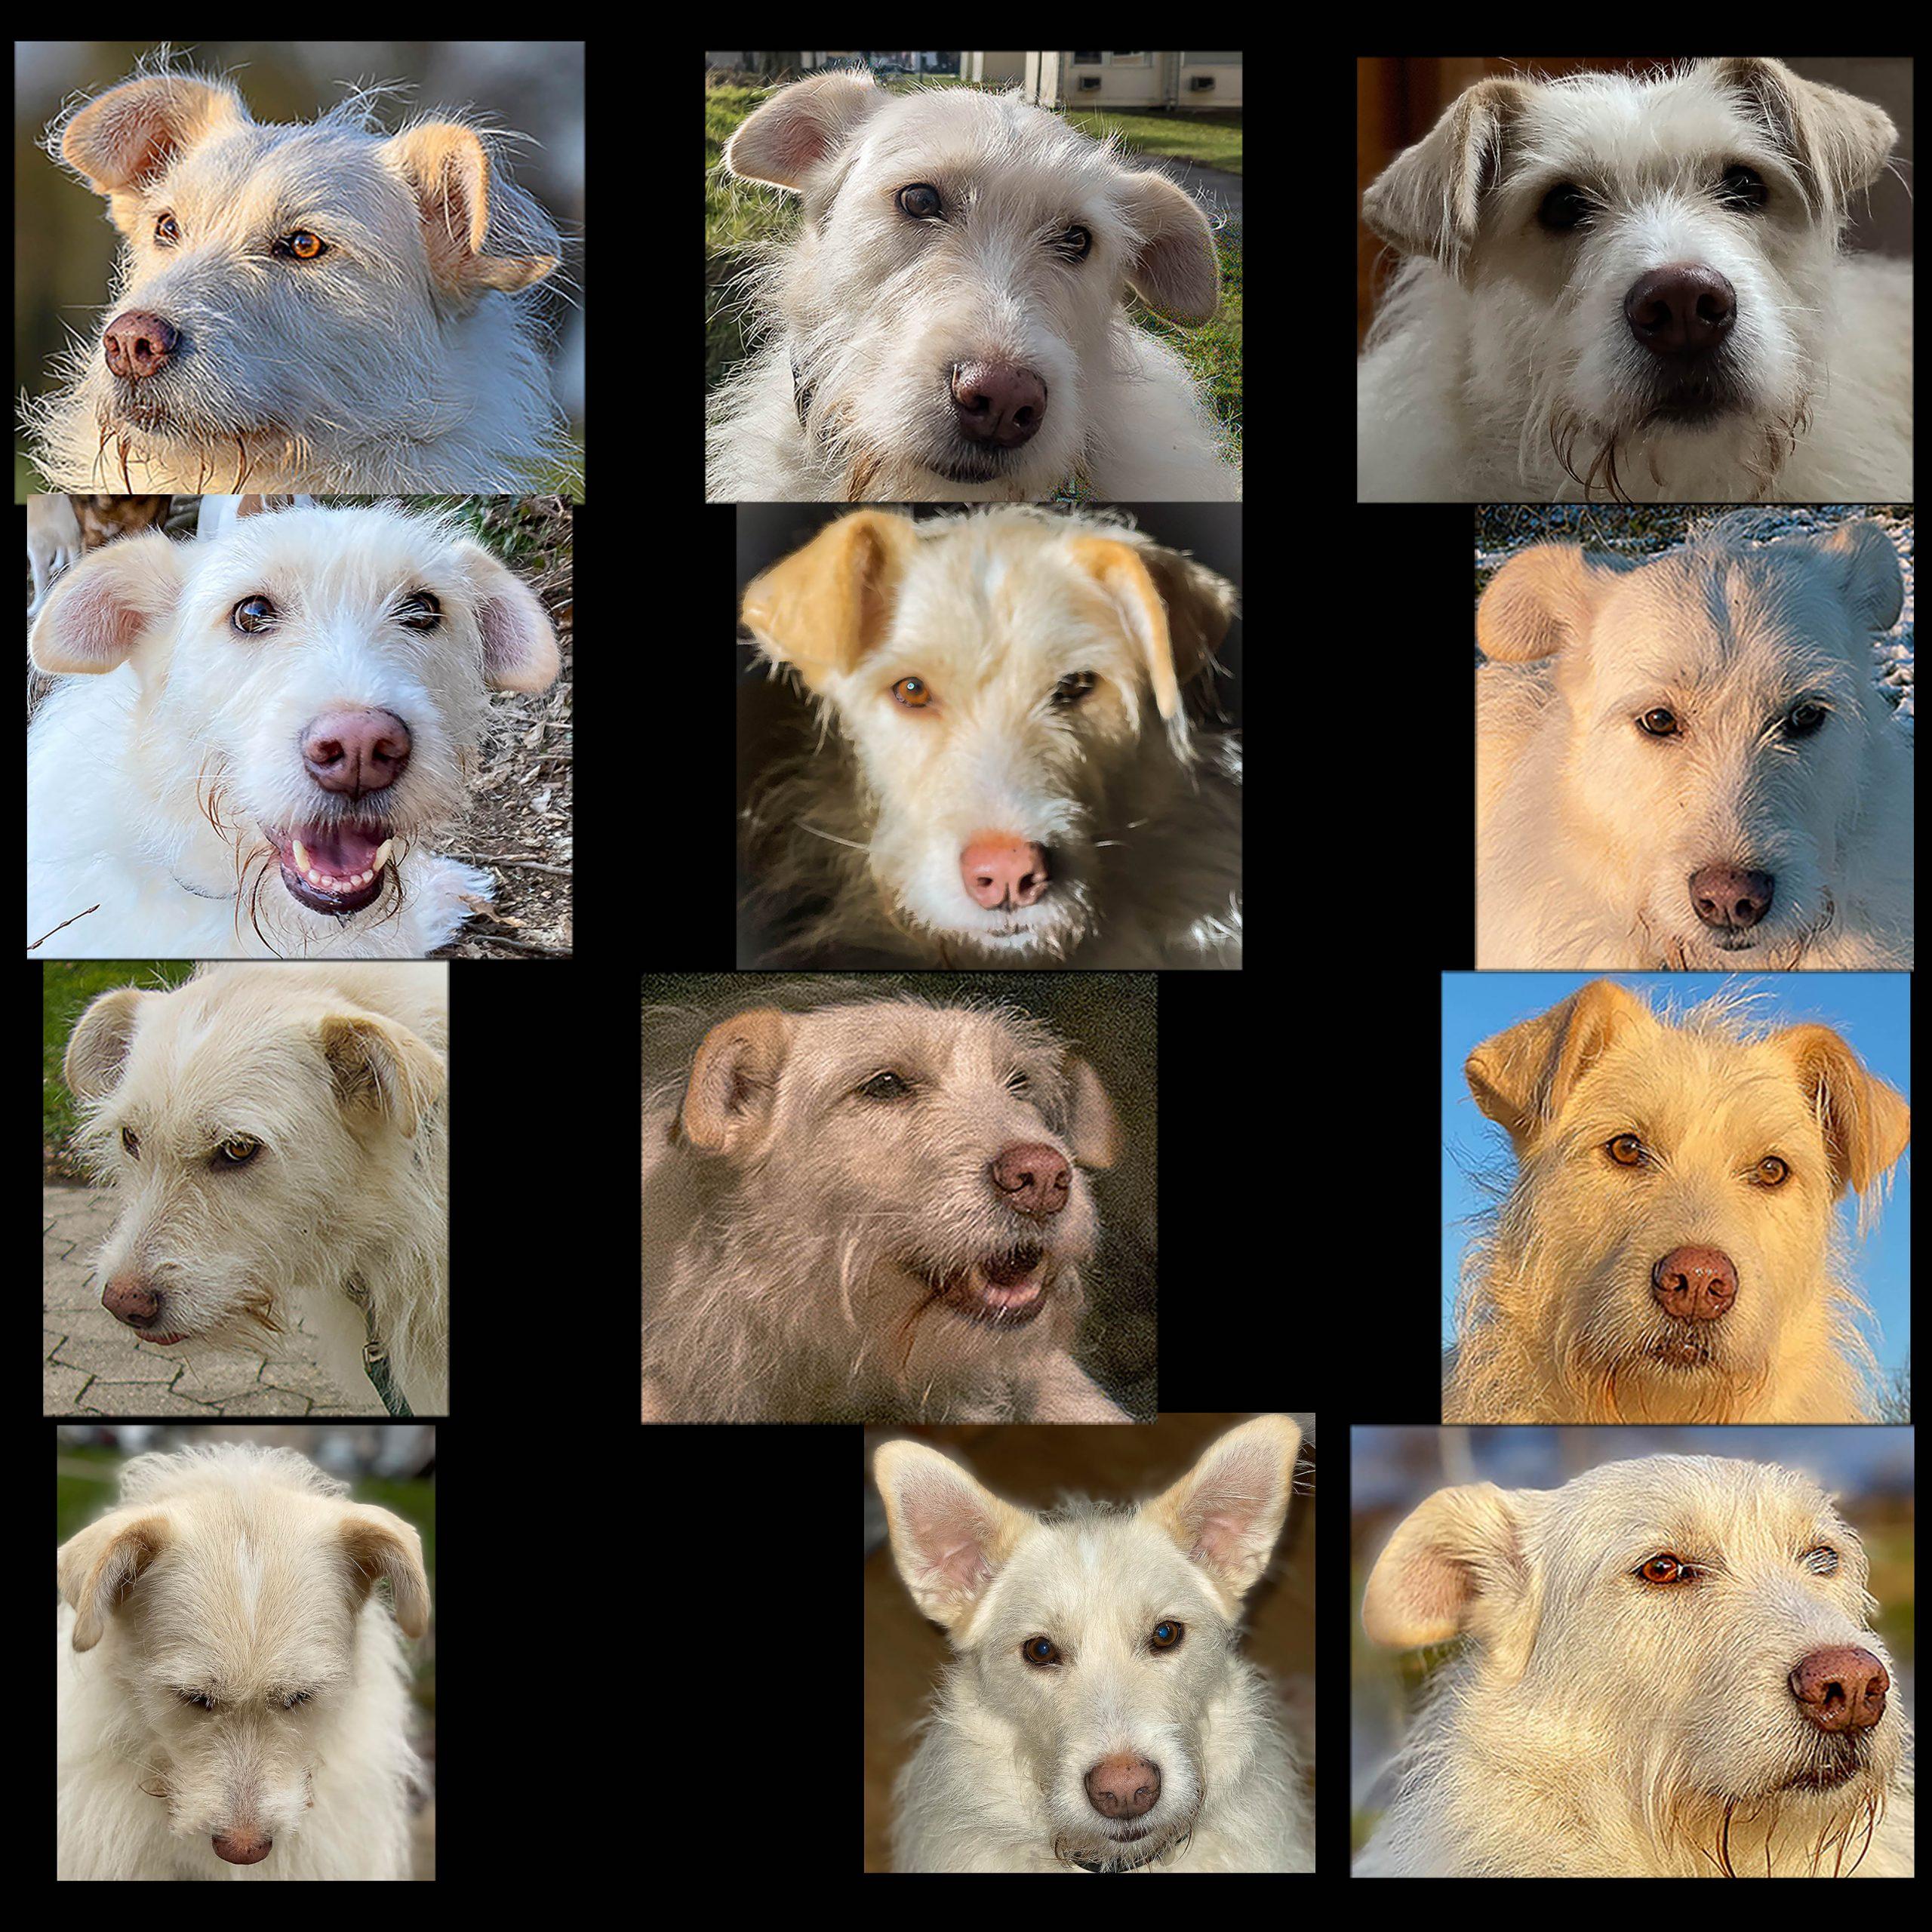 unterschiedliche Hundegesichter einer Hündin